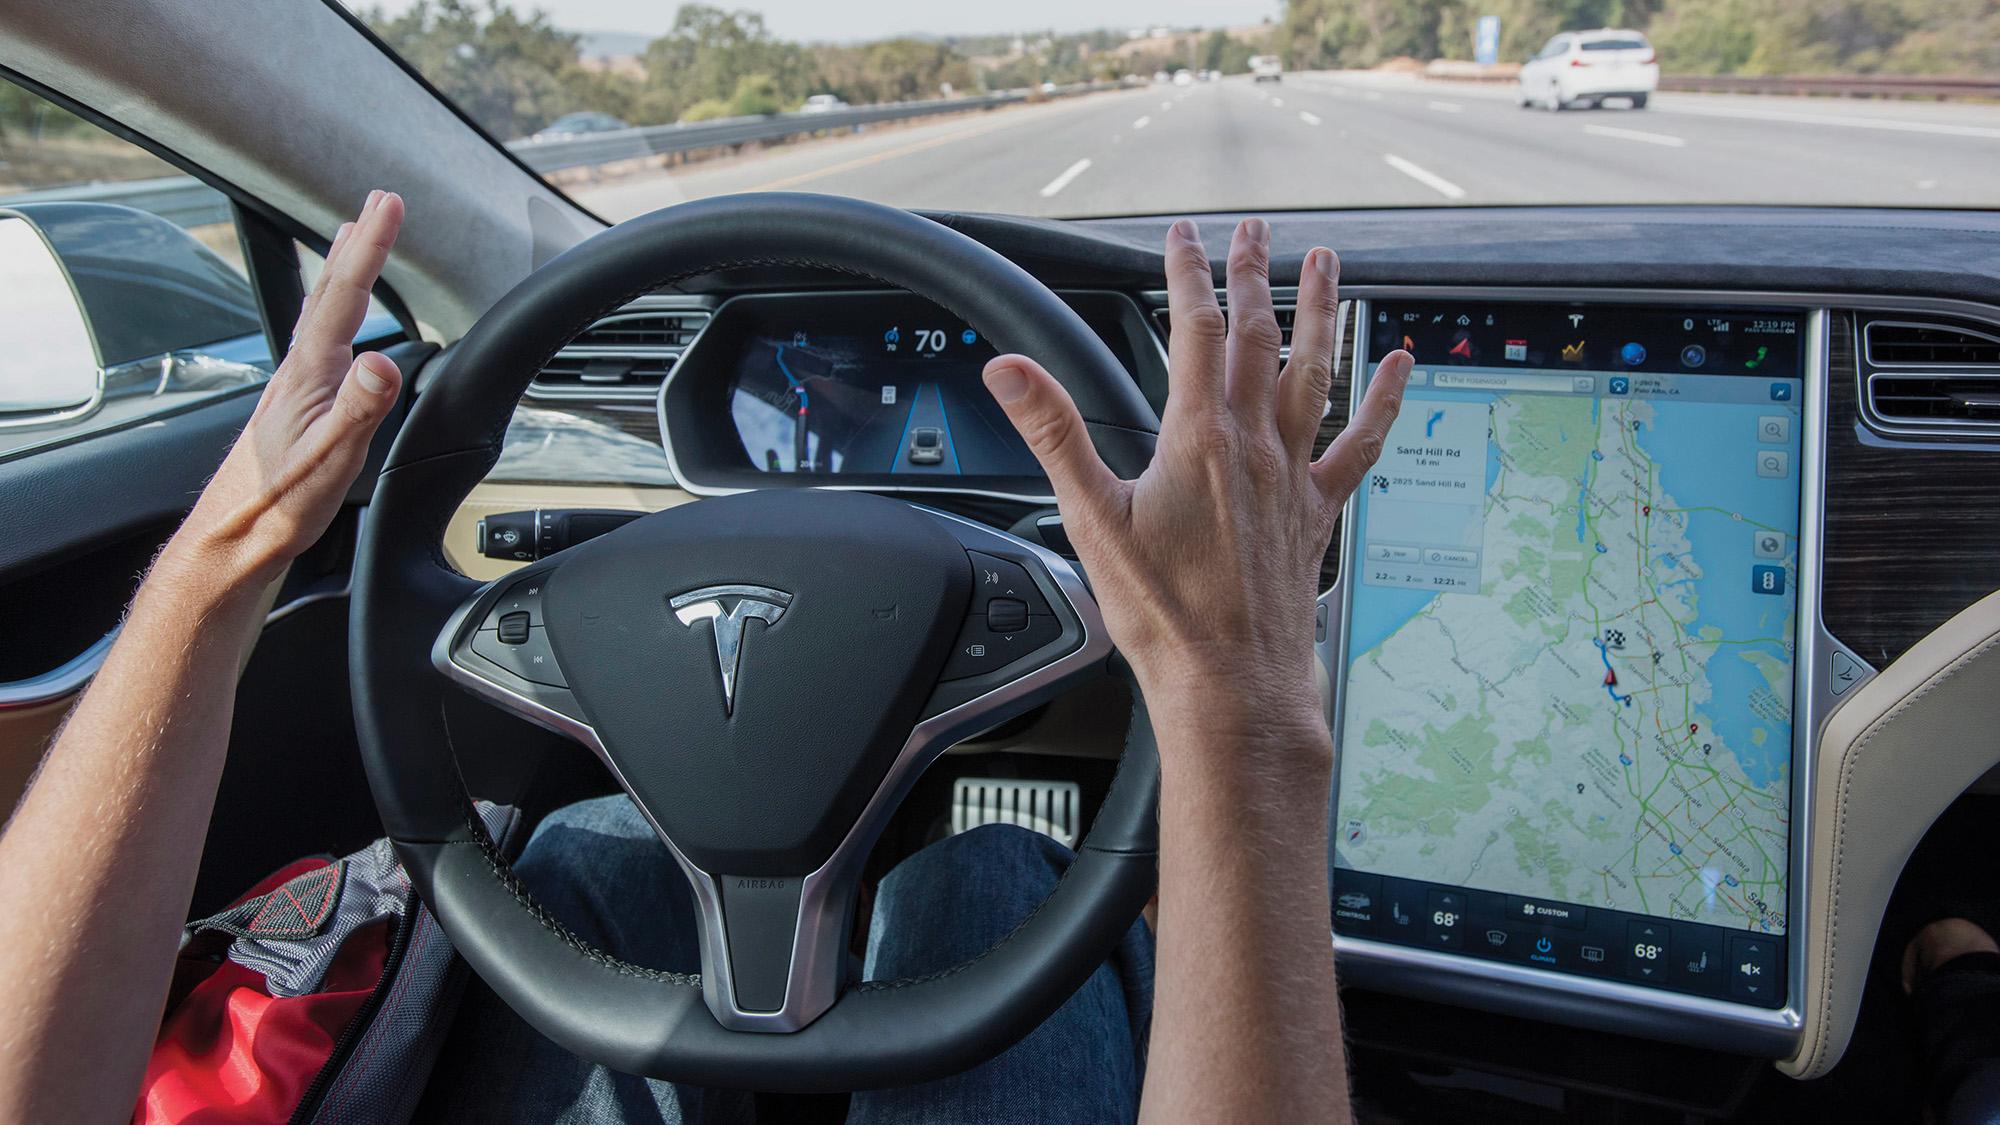 Motorista sem as mãos no volante fazendo demonstração do Autopilot